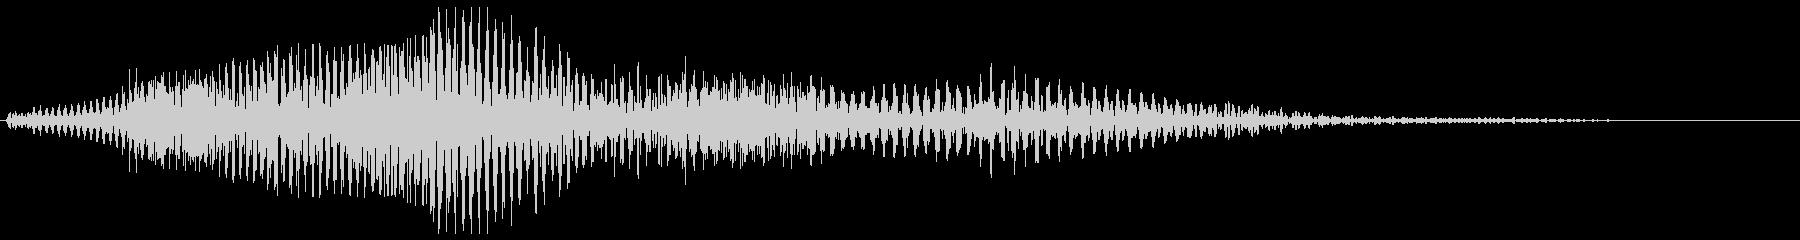 ボァボァ〜ン(マシンが停止する音)の未再生の波形